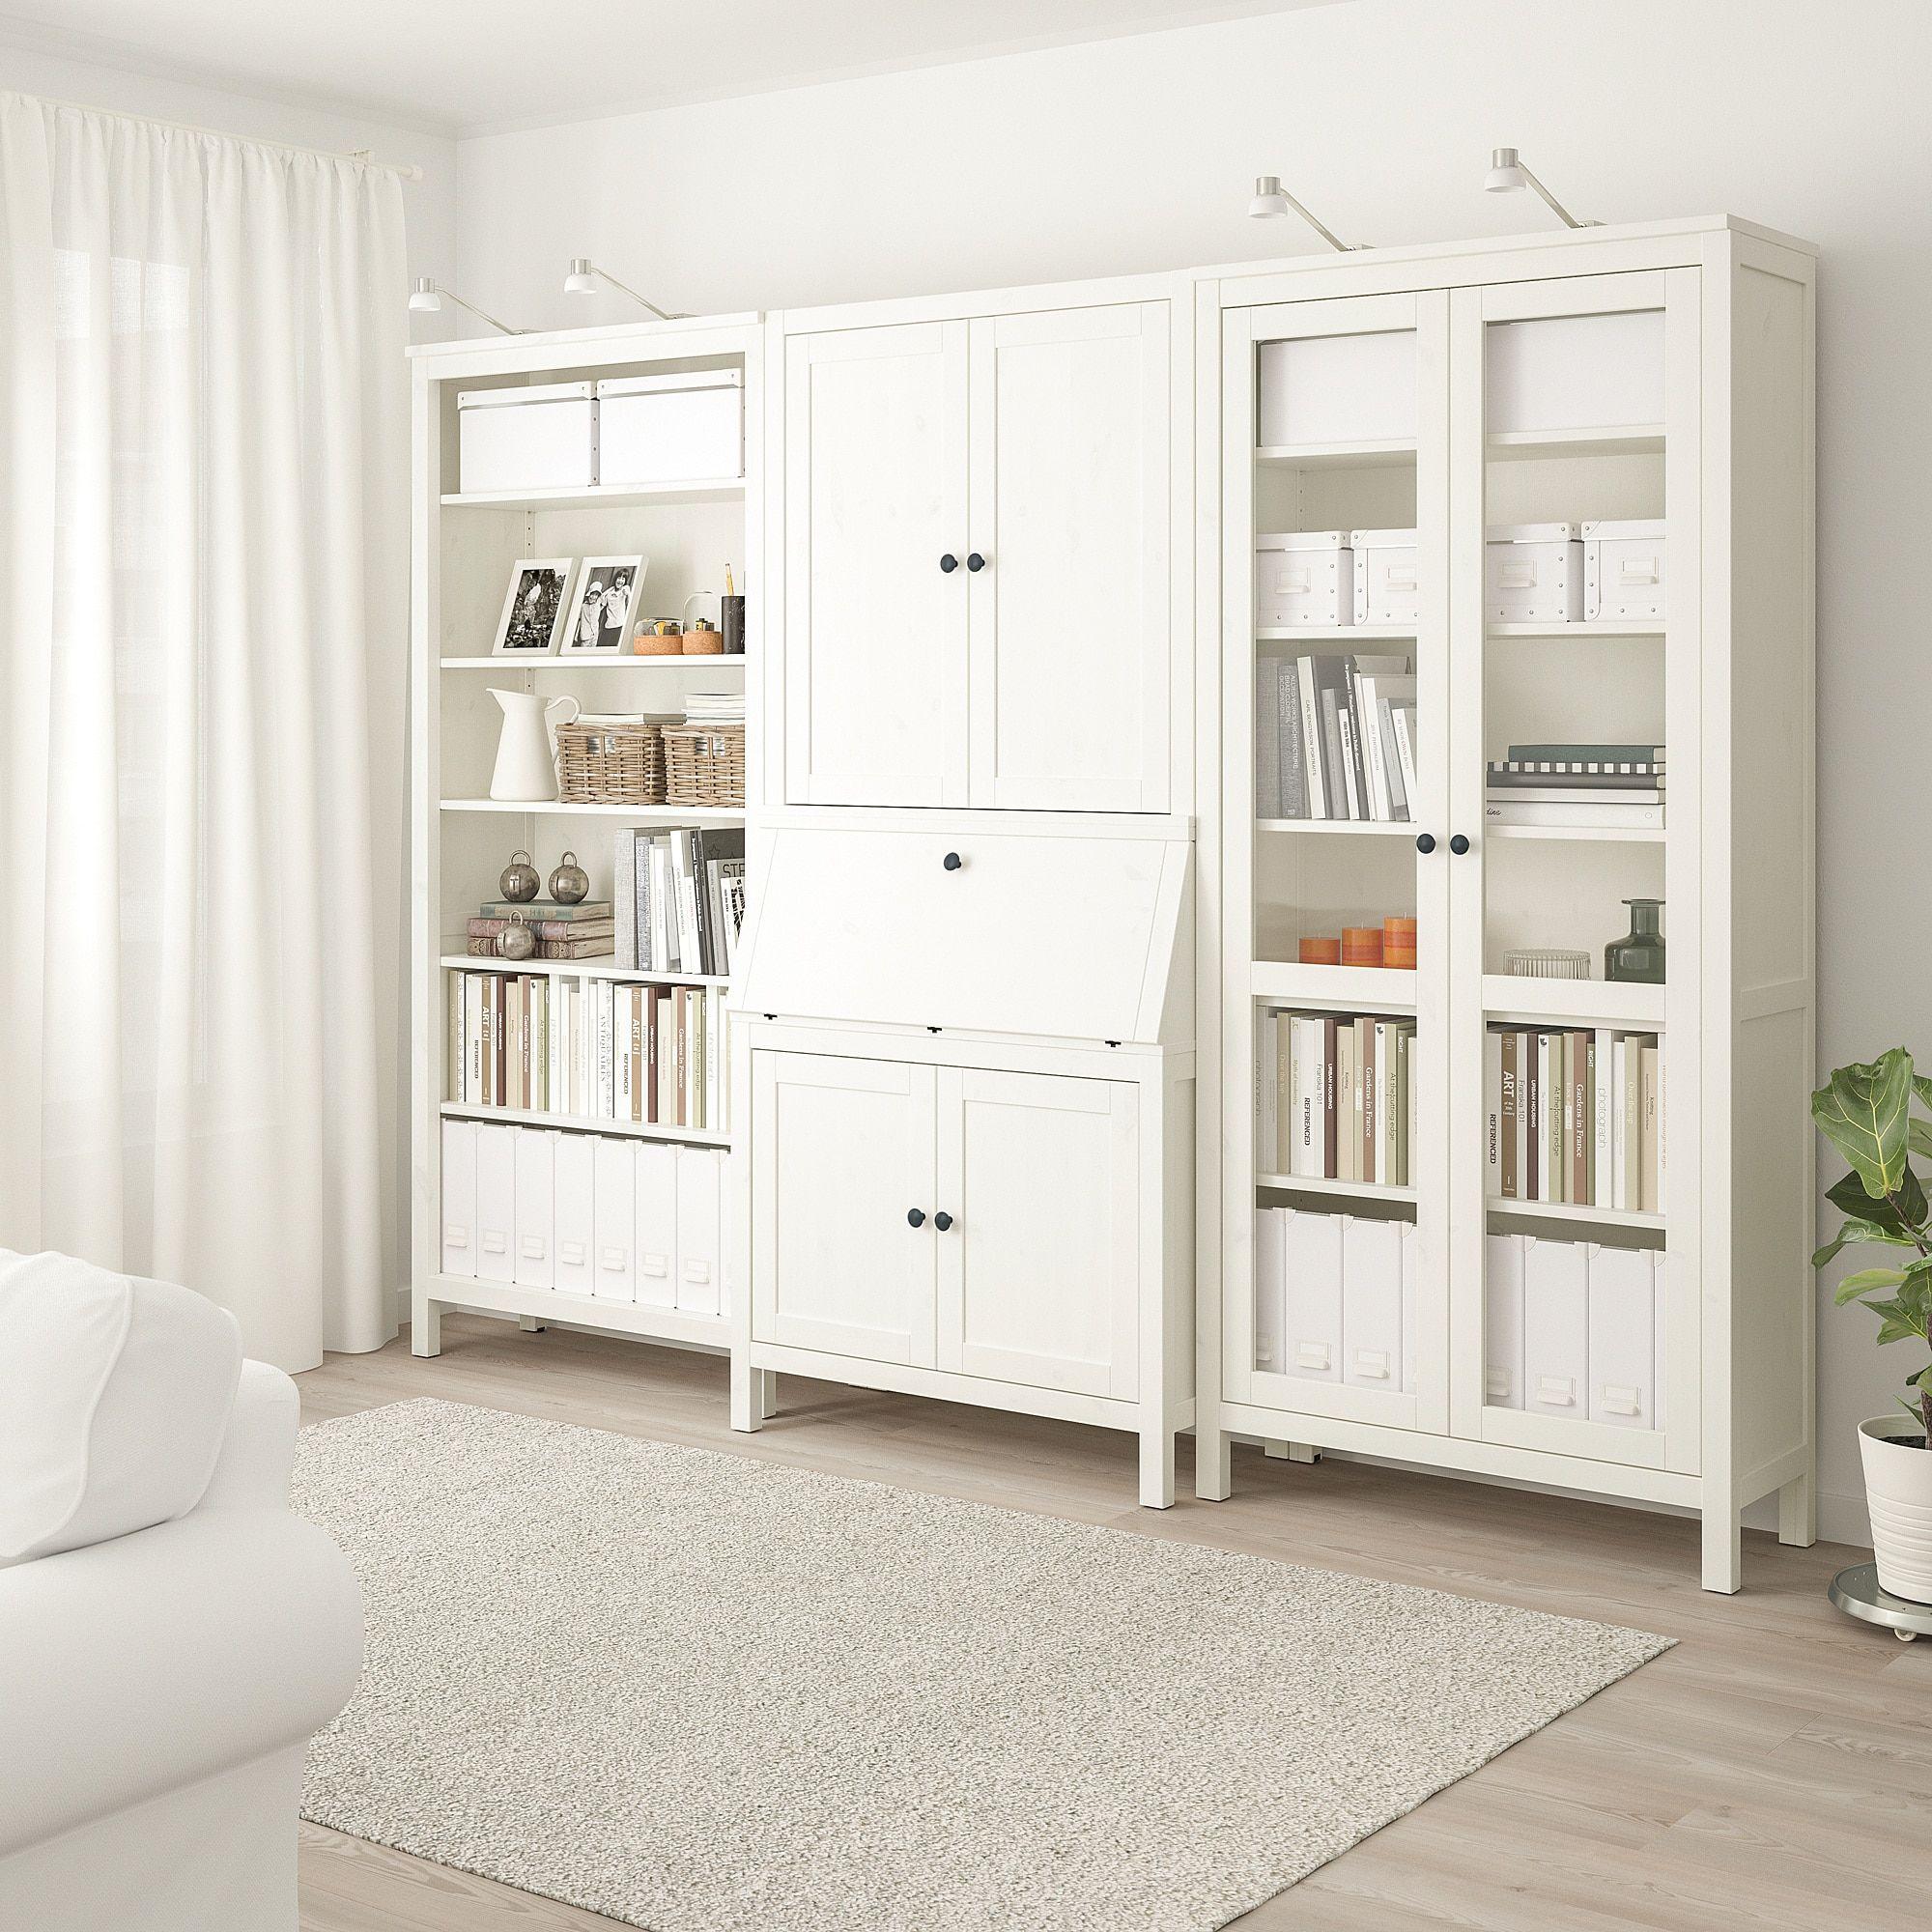 Hemnes Sekretär Mit Aufsatz Und Regal Weiß Las Glas Ikea Österreich Regal Weiss Bücherregale Bauen Hemnes Bücherregal